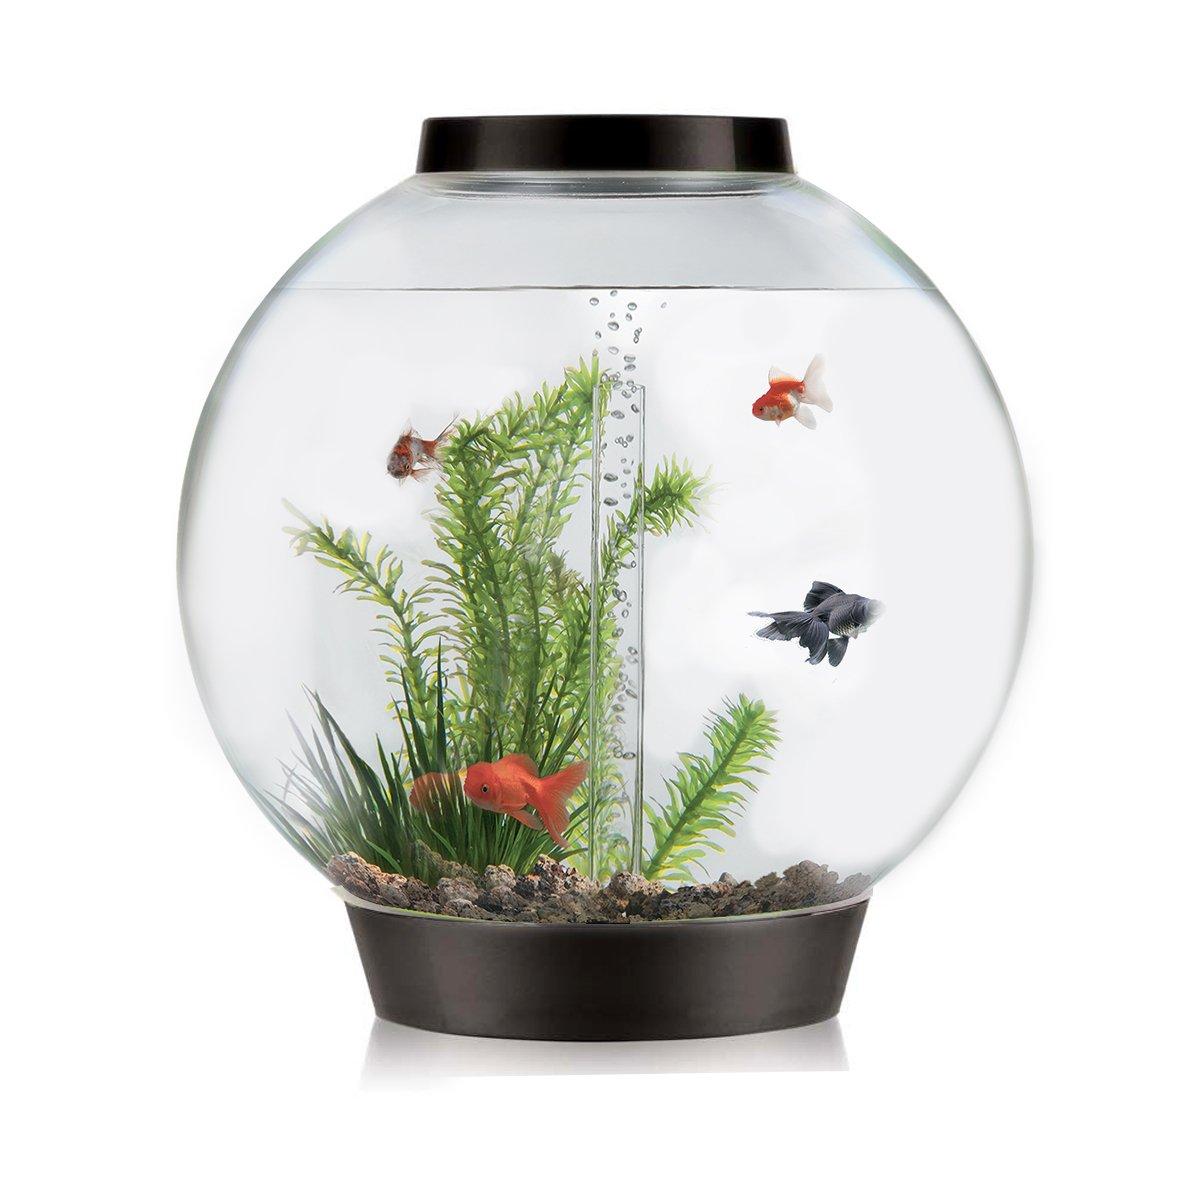 biOrb Classic Aquarium, 61 x 63 cm, 105 Liter, Silver, Intelligent ...